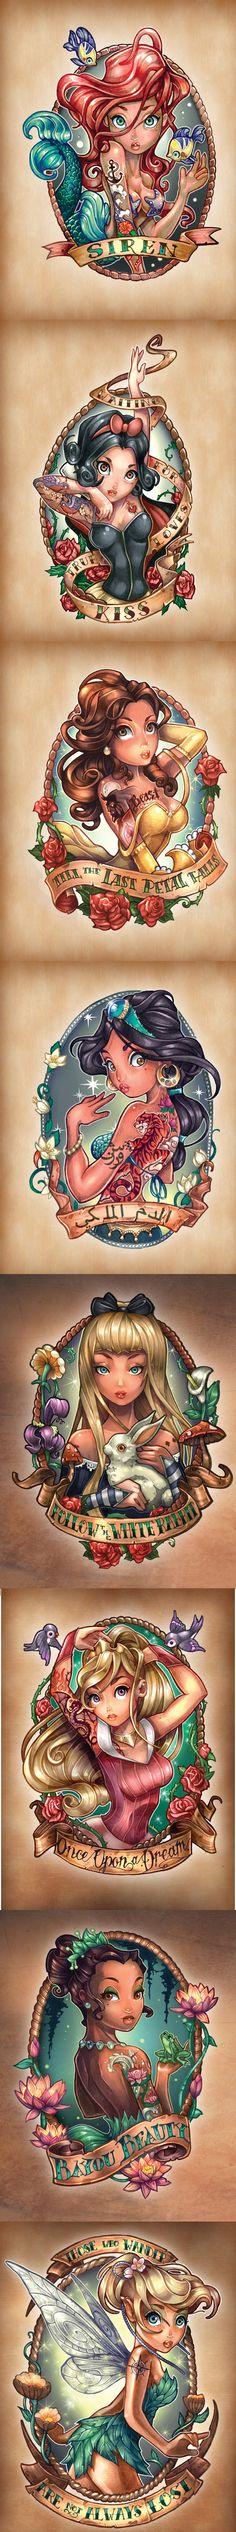 Una grandiosa ilustración de princesas Disney marineras by Tim shumate siren